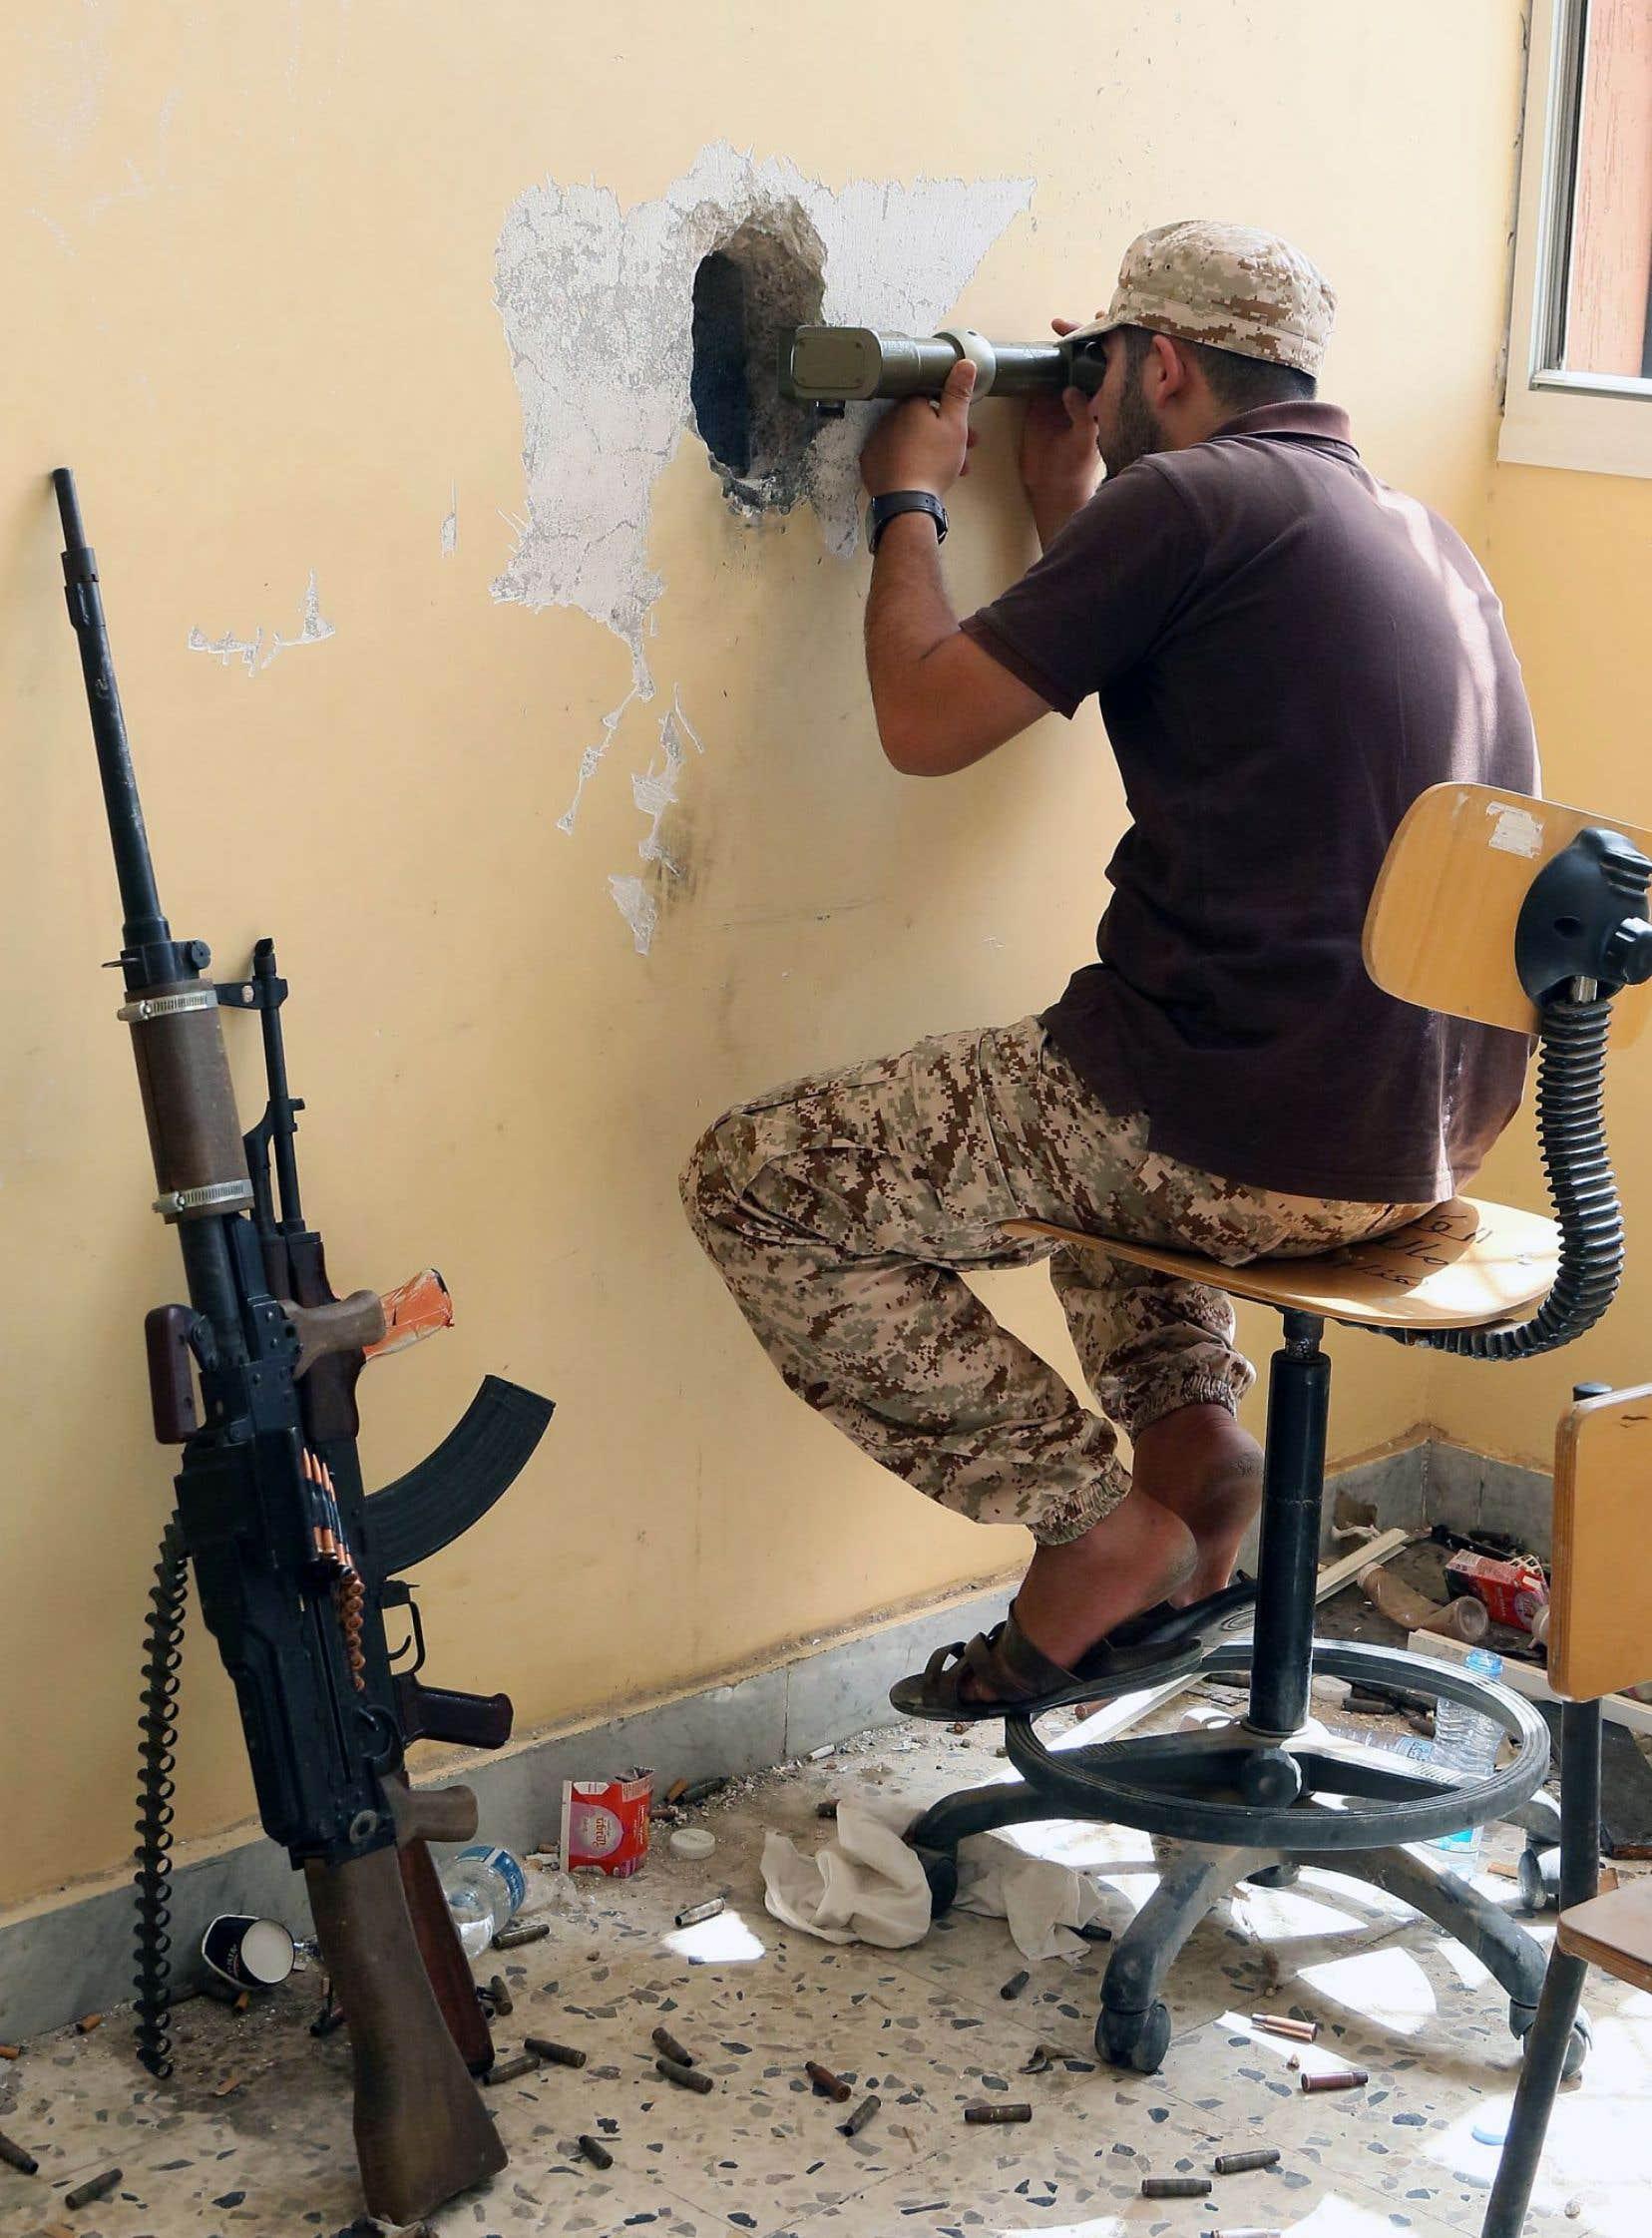 Un membre des forces loyales de la Libye regarde dans un périscope la ligne de front de la ville de Syrte, durant l'opération menée pour éradiquer le groupe État islamique de la ville.